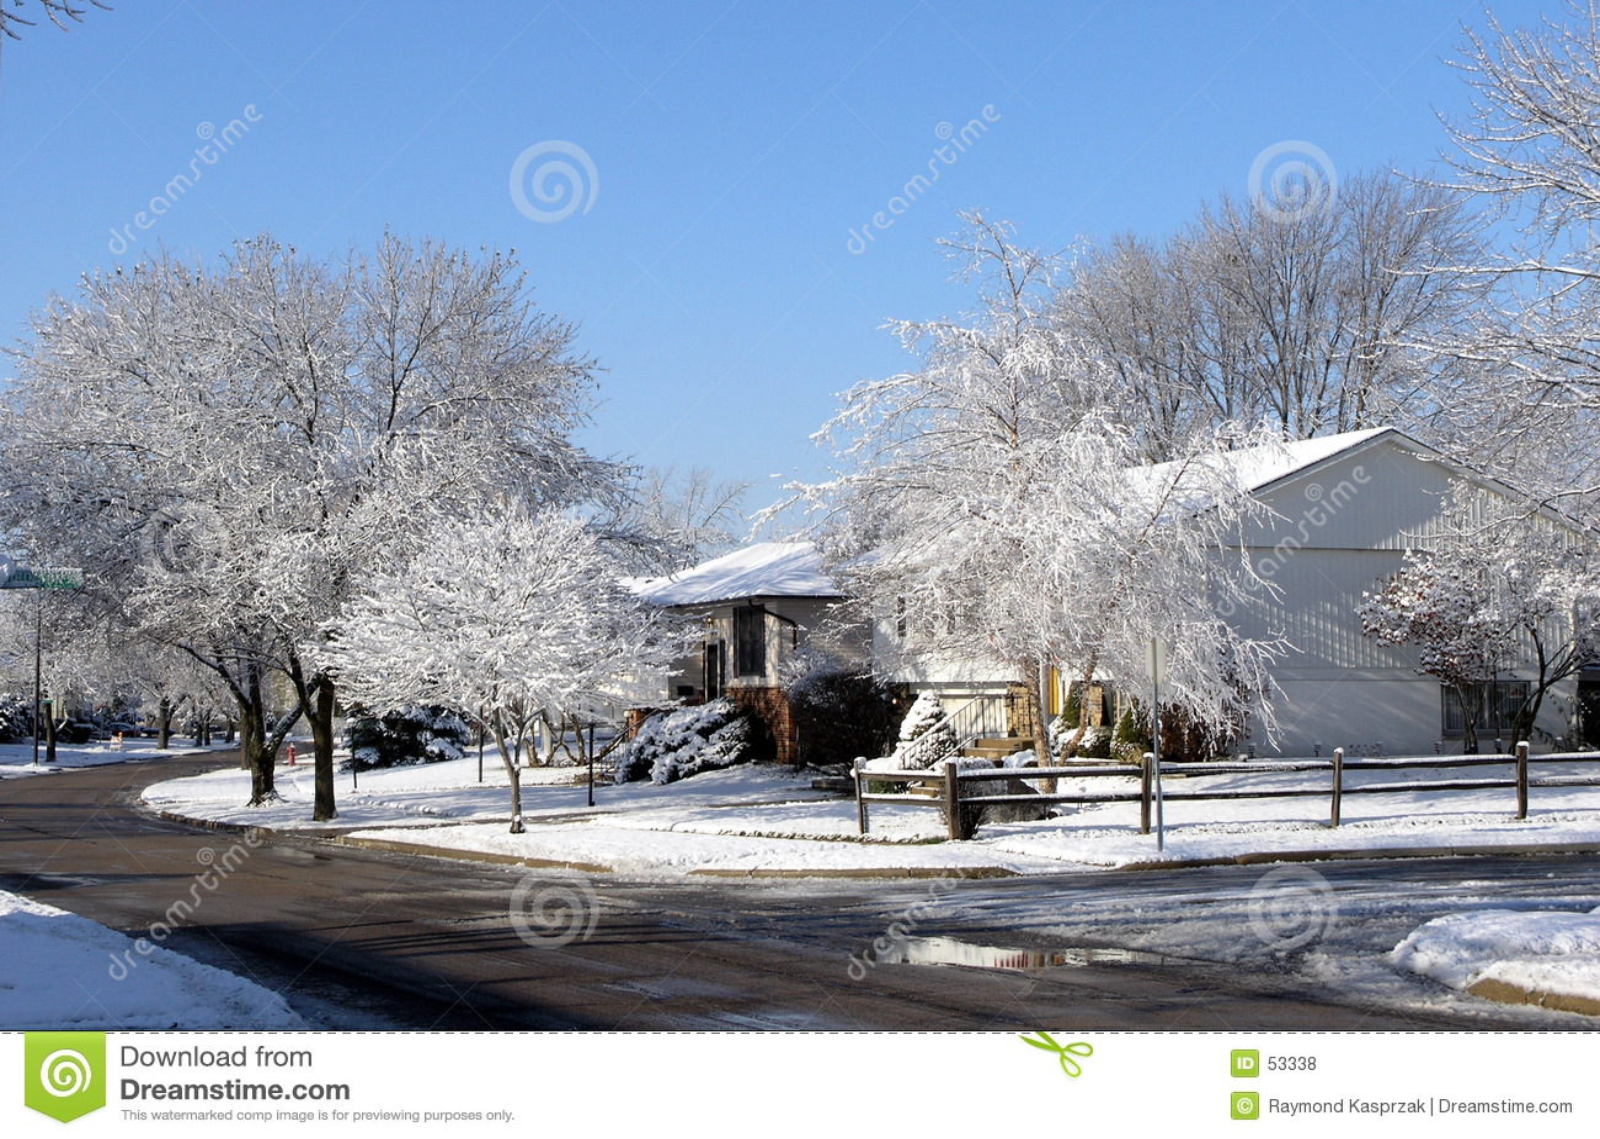 Download Midwest scene winter στοκ εικόνες. εικόνα από οδός, σπίτι - 53338